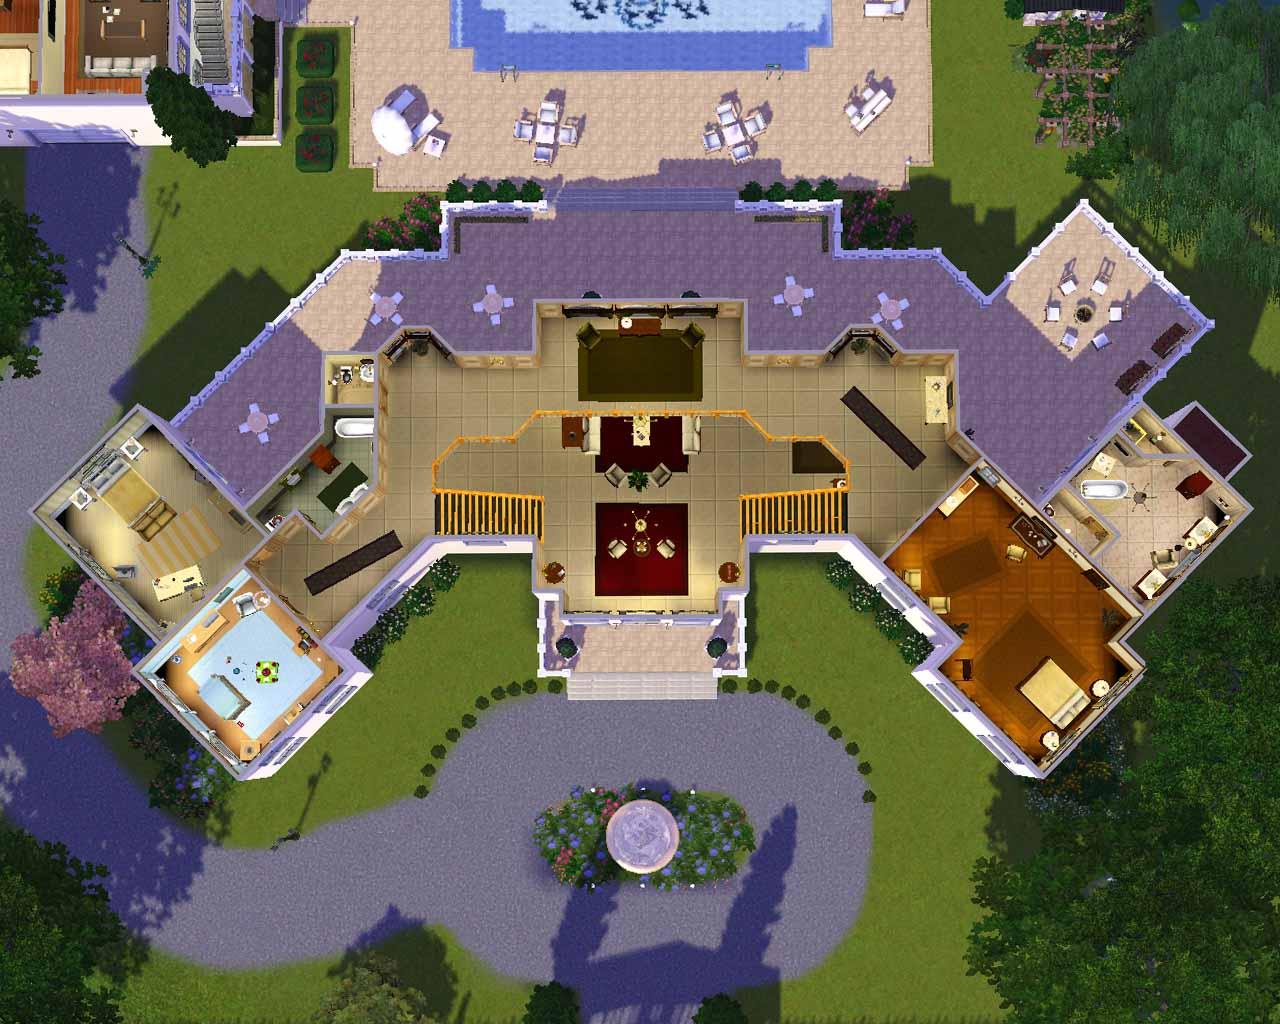 27 Sims 3 Floorplans Ideas - Building Plans Online